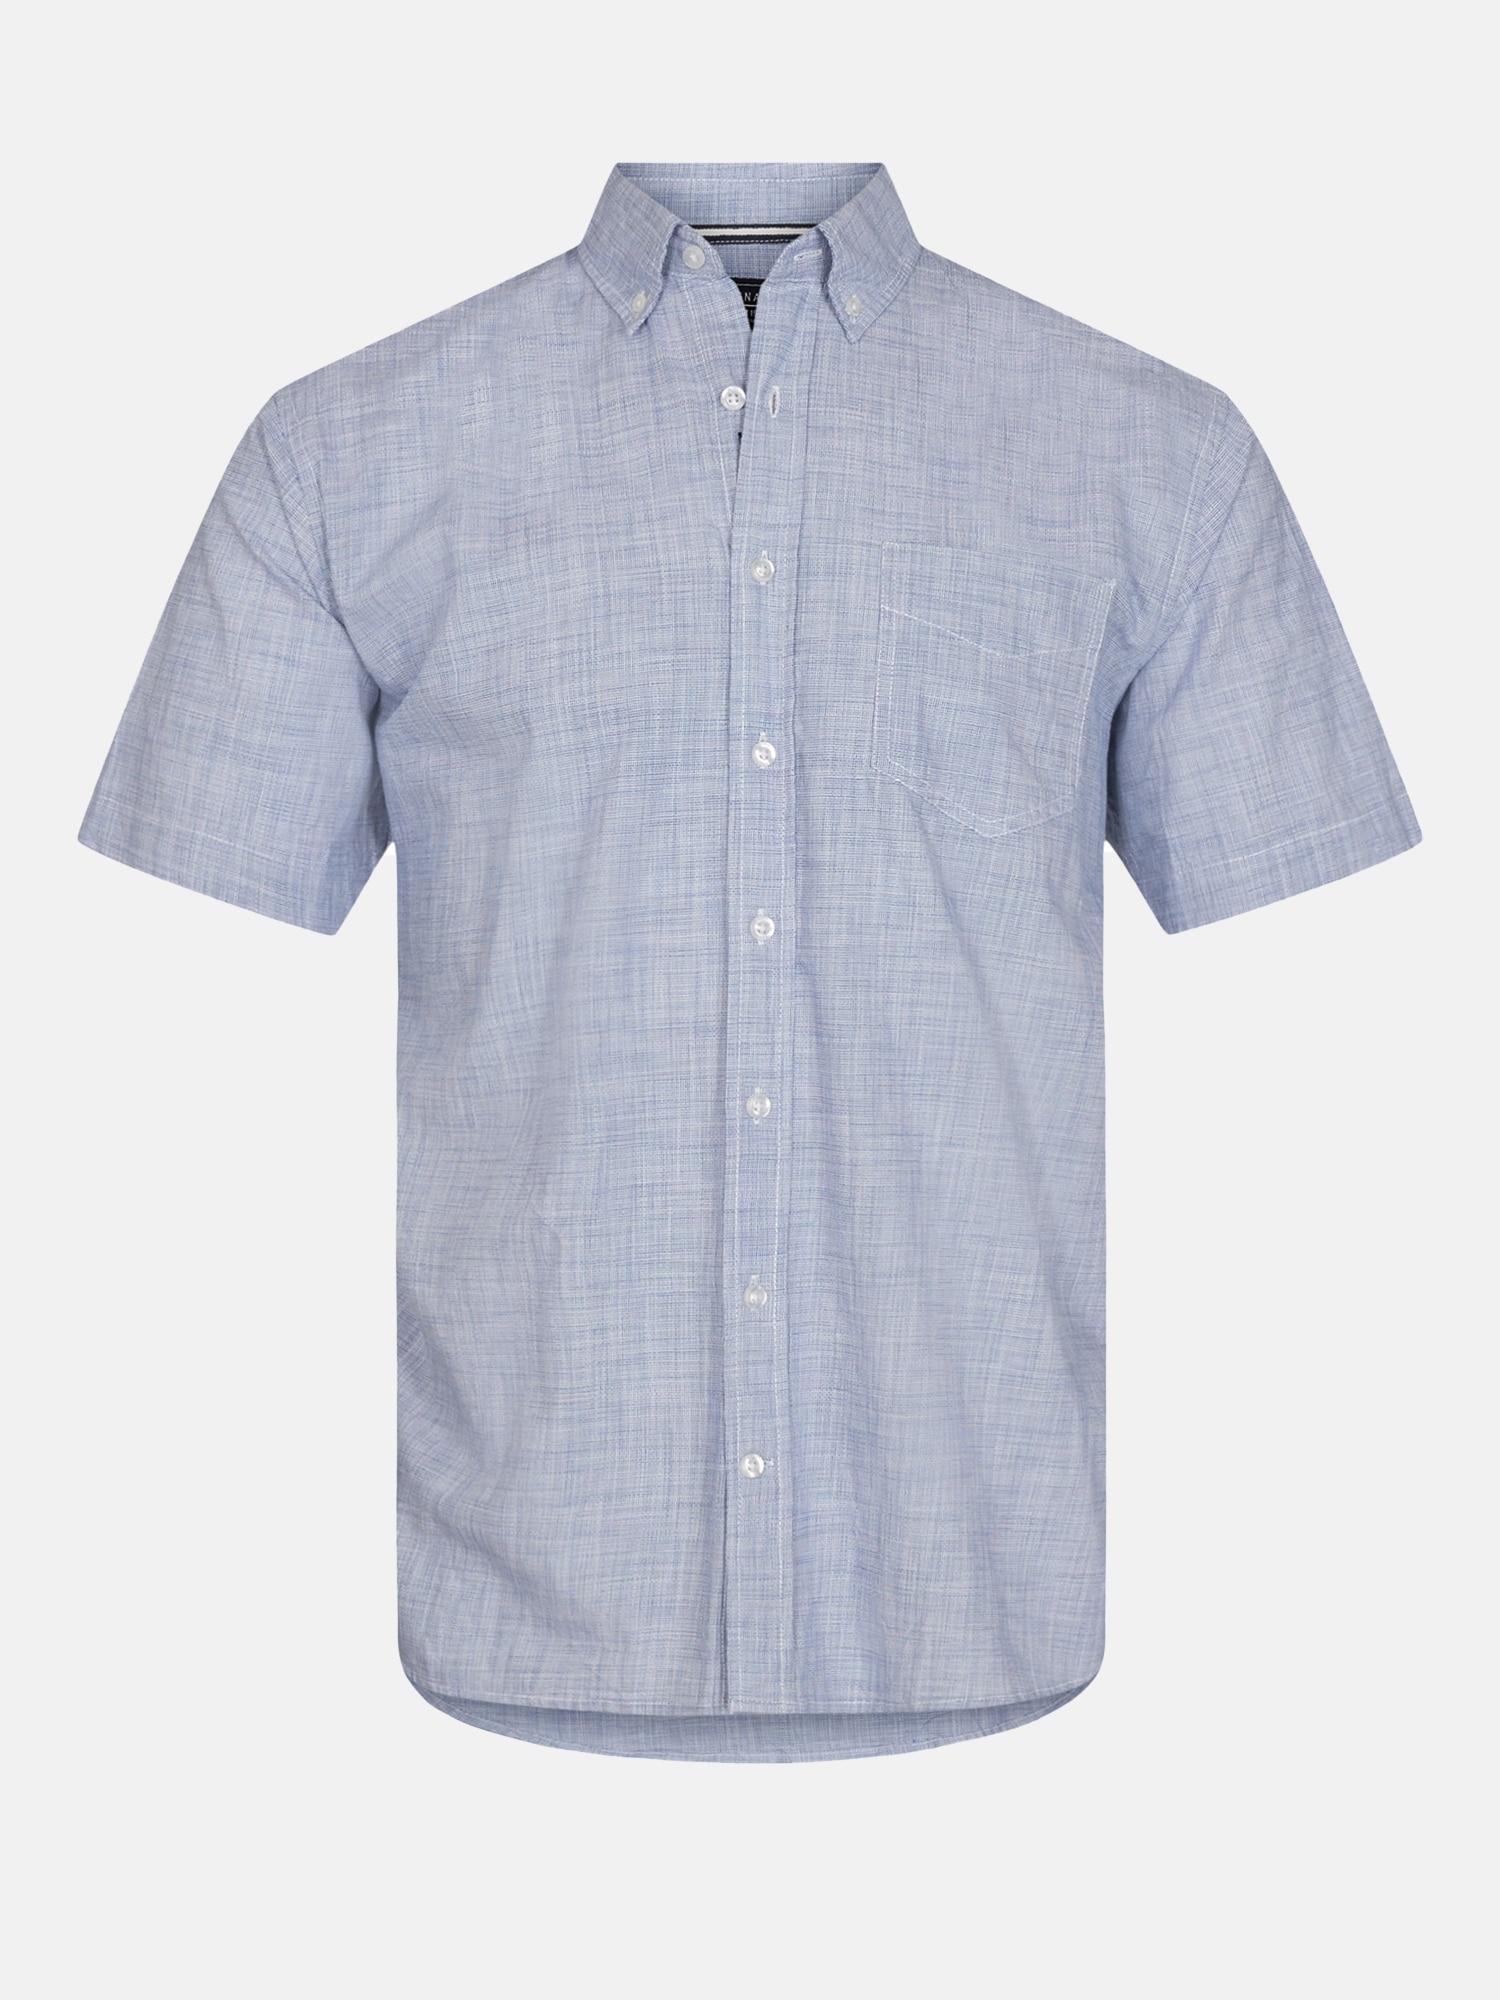 Jim Structure Shirt Ss